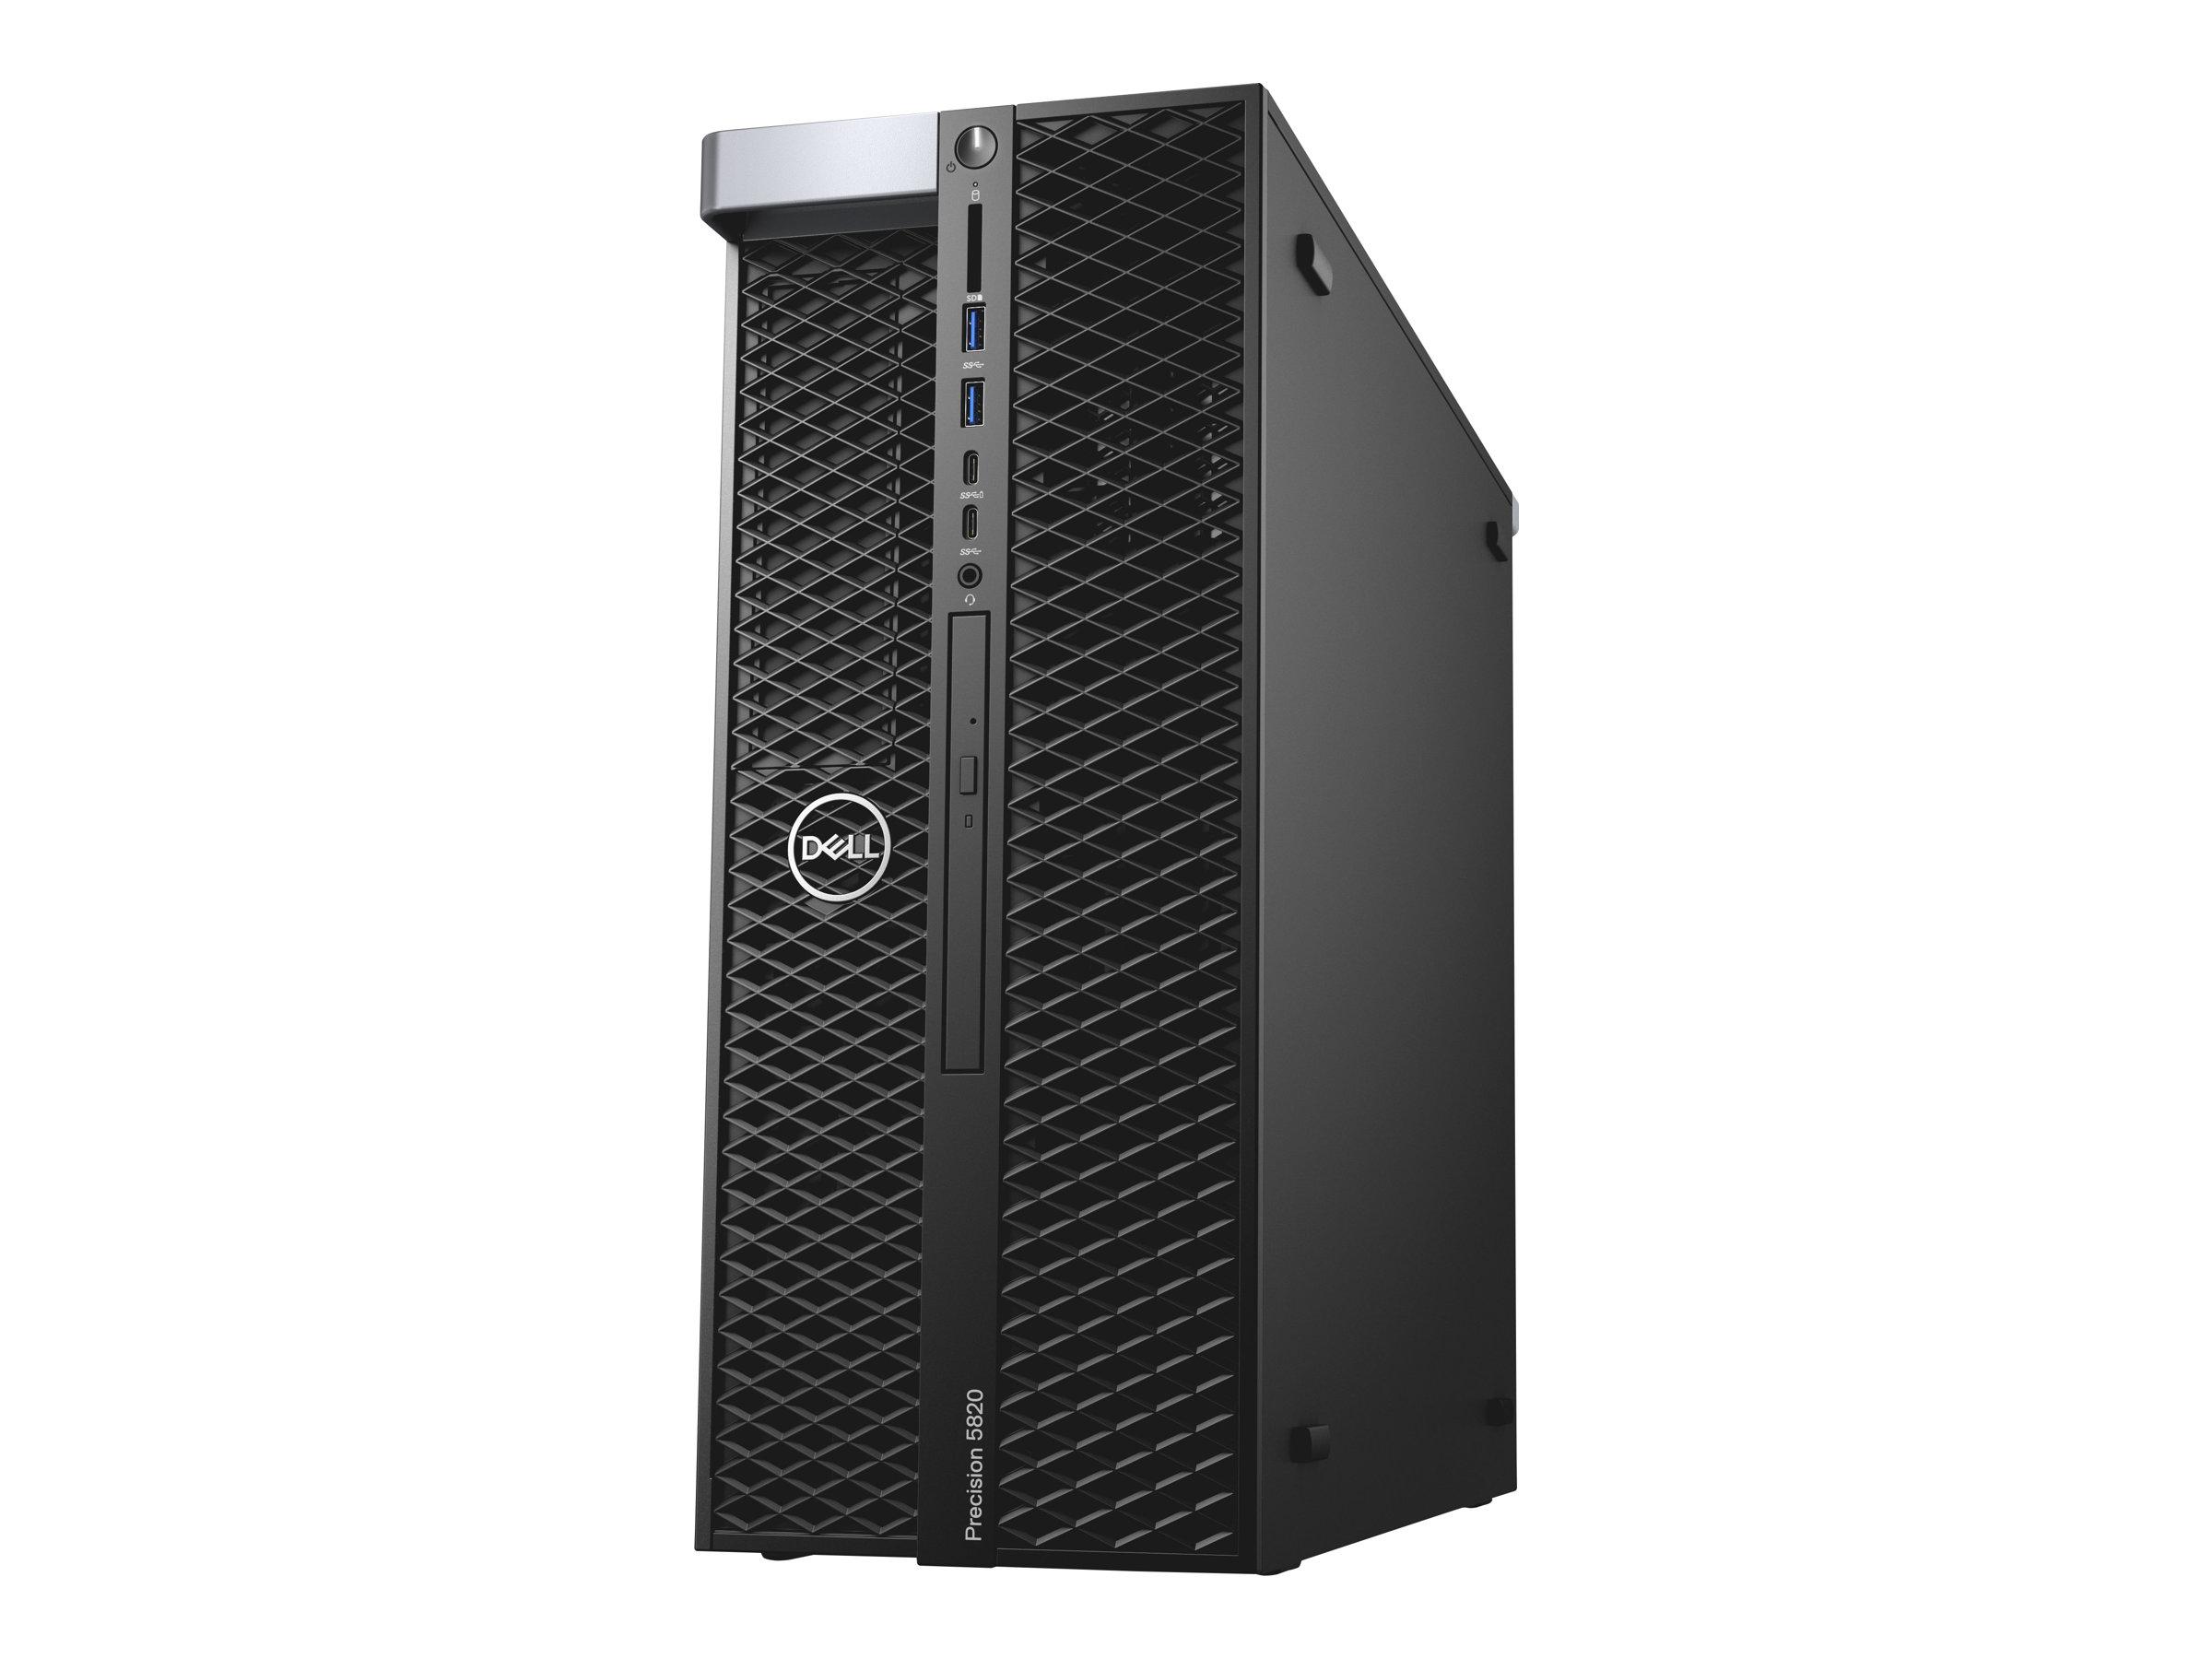 Dell 5820 Tower - MDT - 1 x Core i9 10920X X-series / 3.5 GHz - RAM 16 GB - SSD 512 GB - DVD-Writer